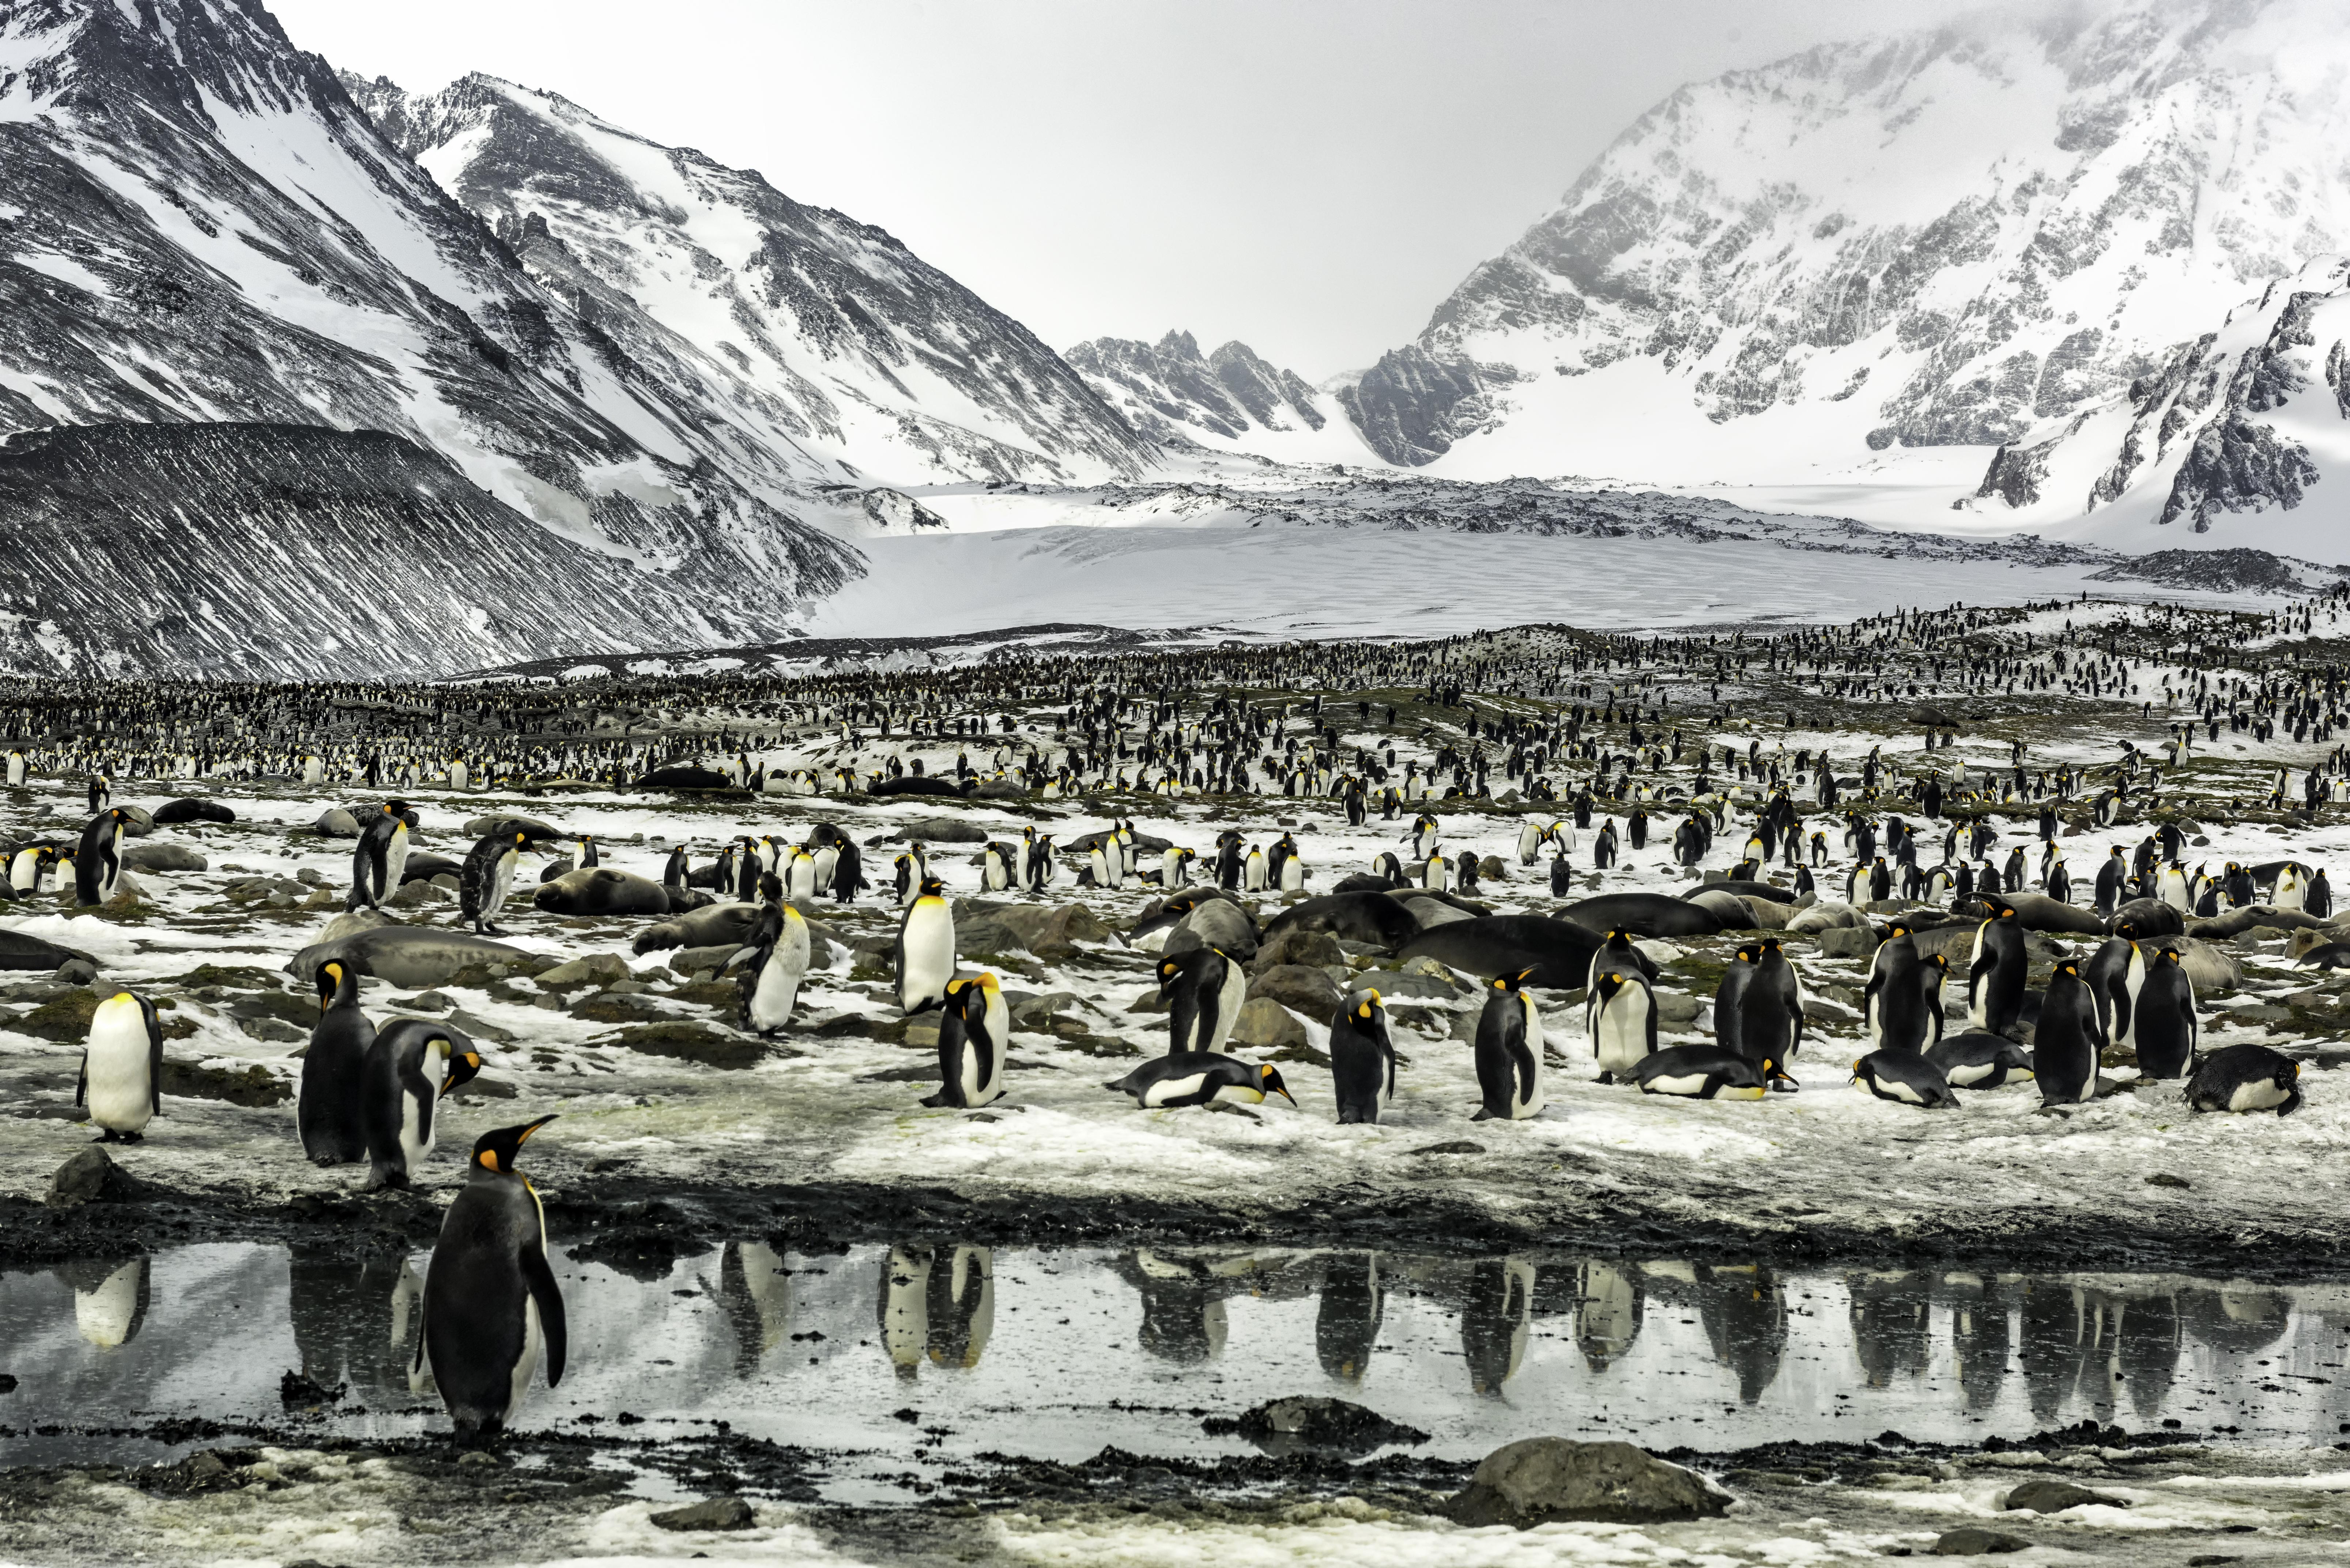 Professor Han Lindeboom vreest slecht jaar voor de pinguïns op Zuid-Georgia: ijsberg A-86a op ramkoers